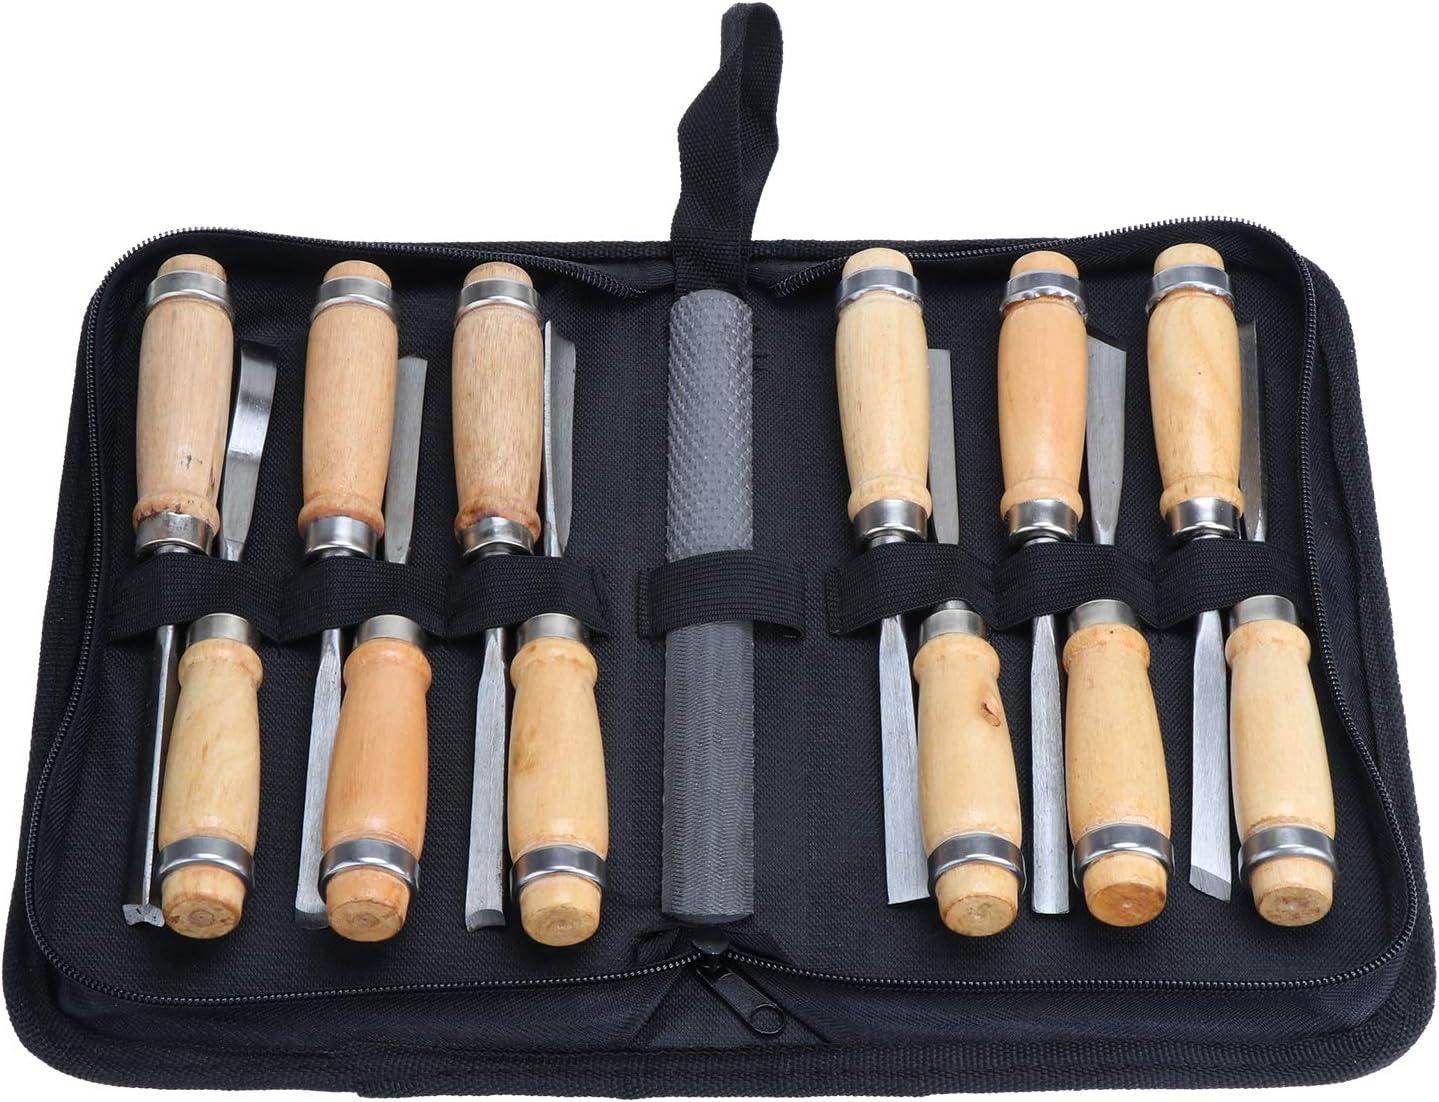 escultura 12 piezas con piedra de afilar de doble cara para carpinter/ía carpinter/ía manualidades Juego de cinceles para tallar madera